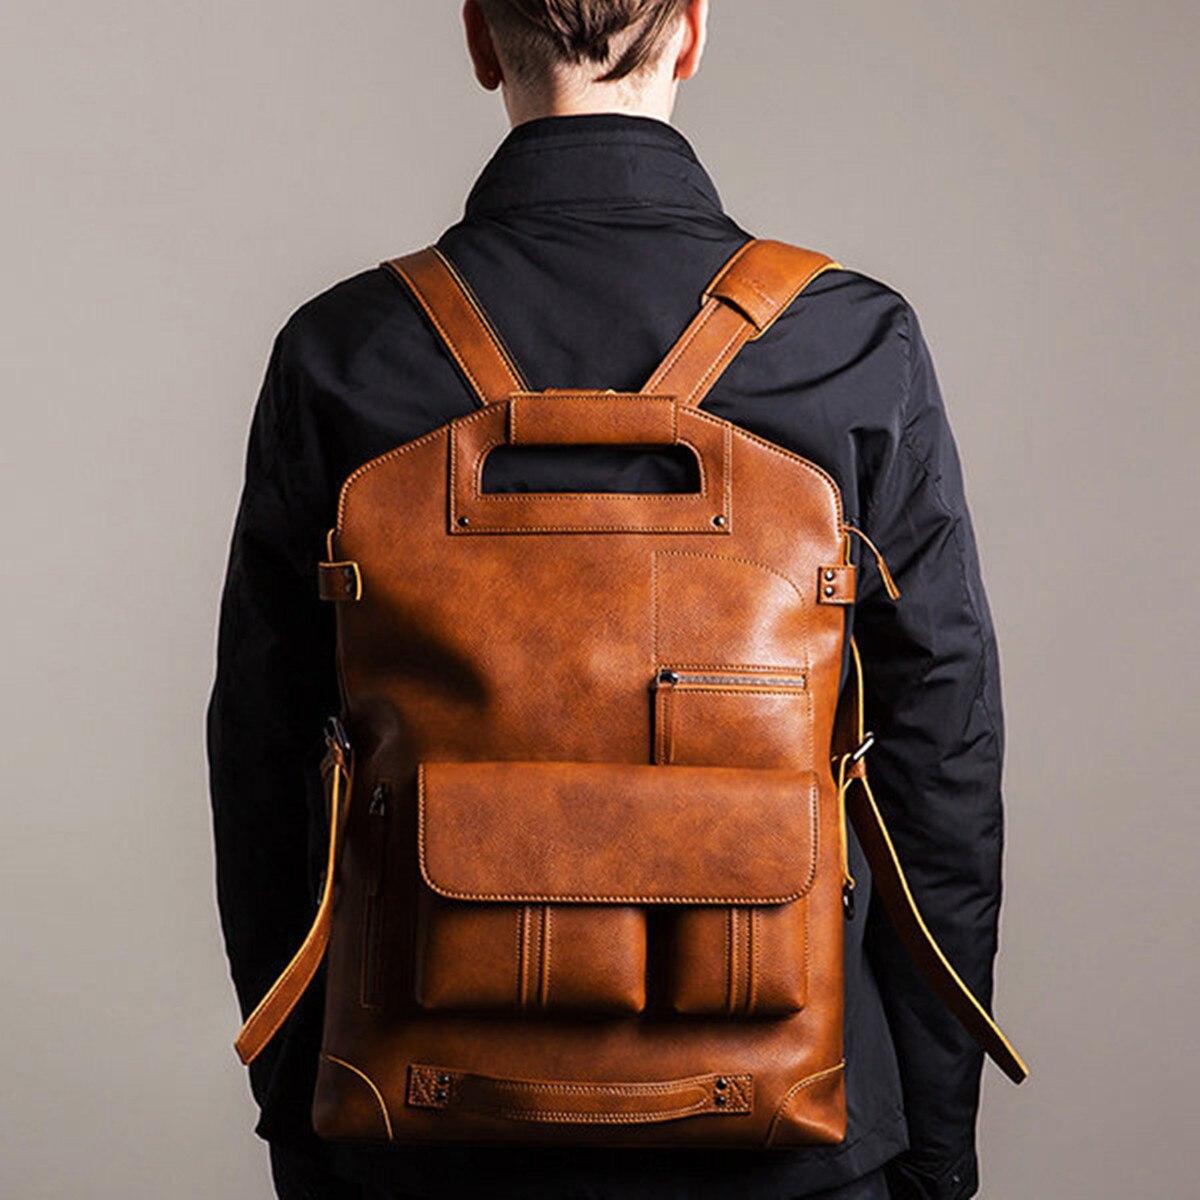 빈티지 남자 배낭 정품 가죽 배낭 새로운 패션 다기능 남자 솔리드 핸드백 럭셔리 브랜드 컴퓨터 노트북 가방